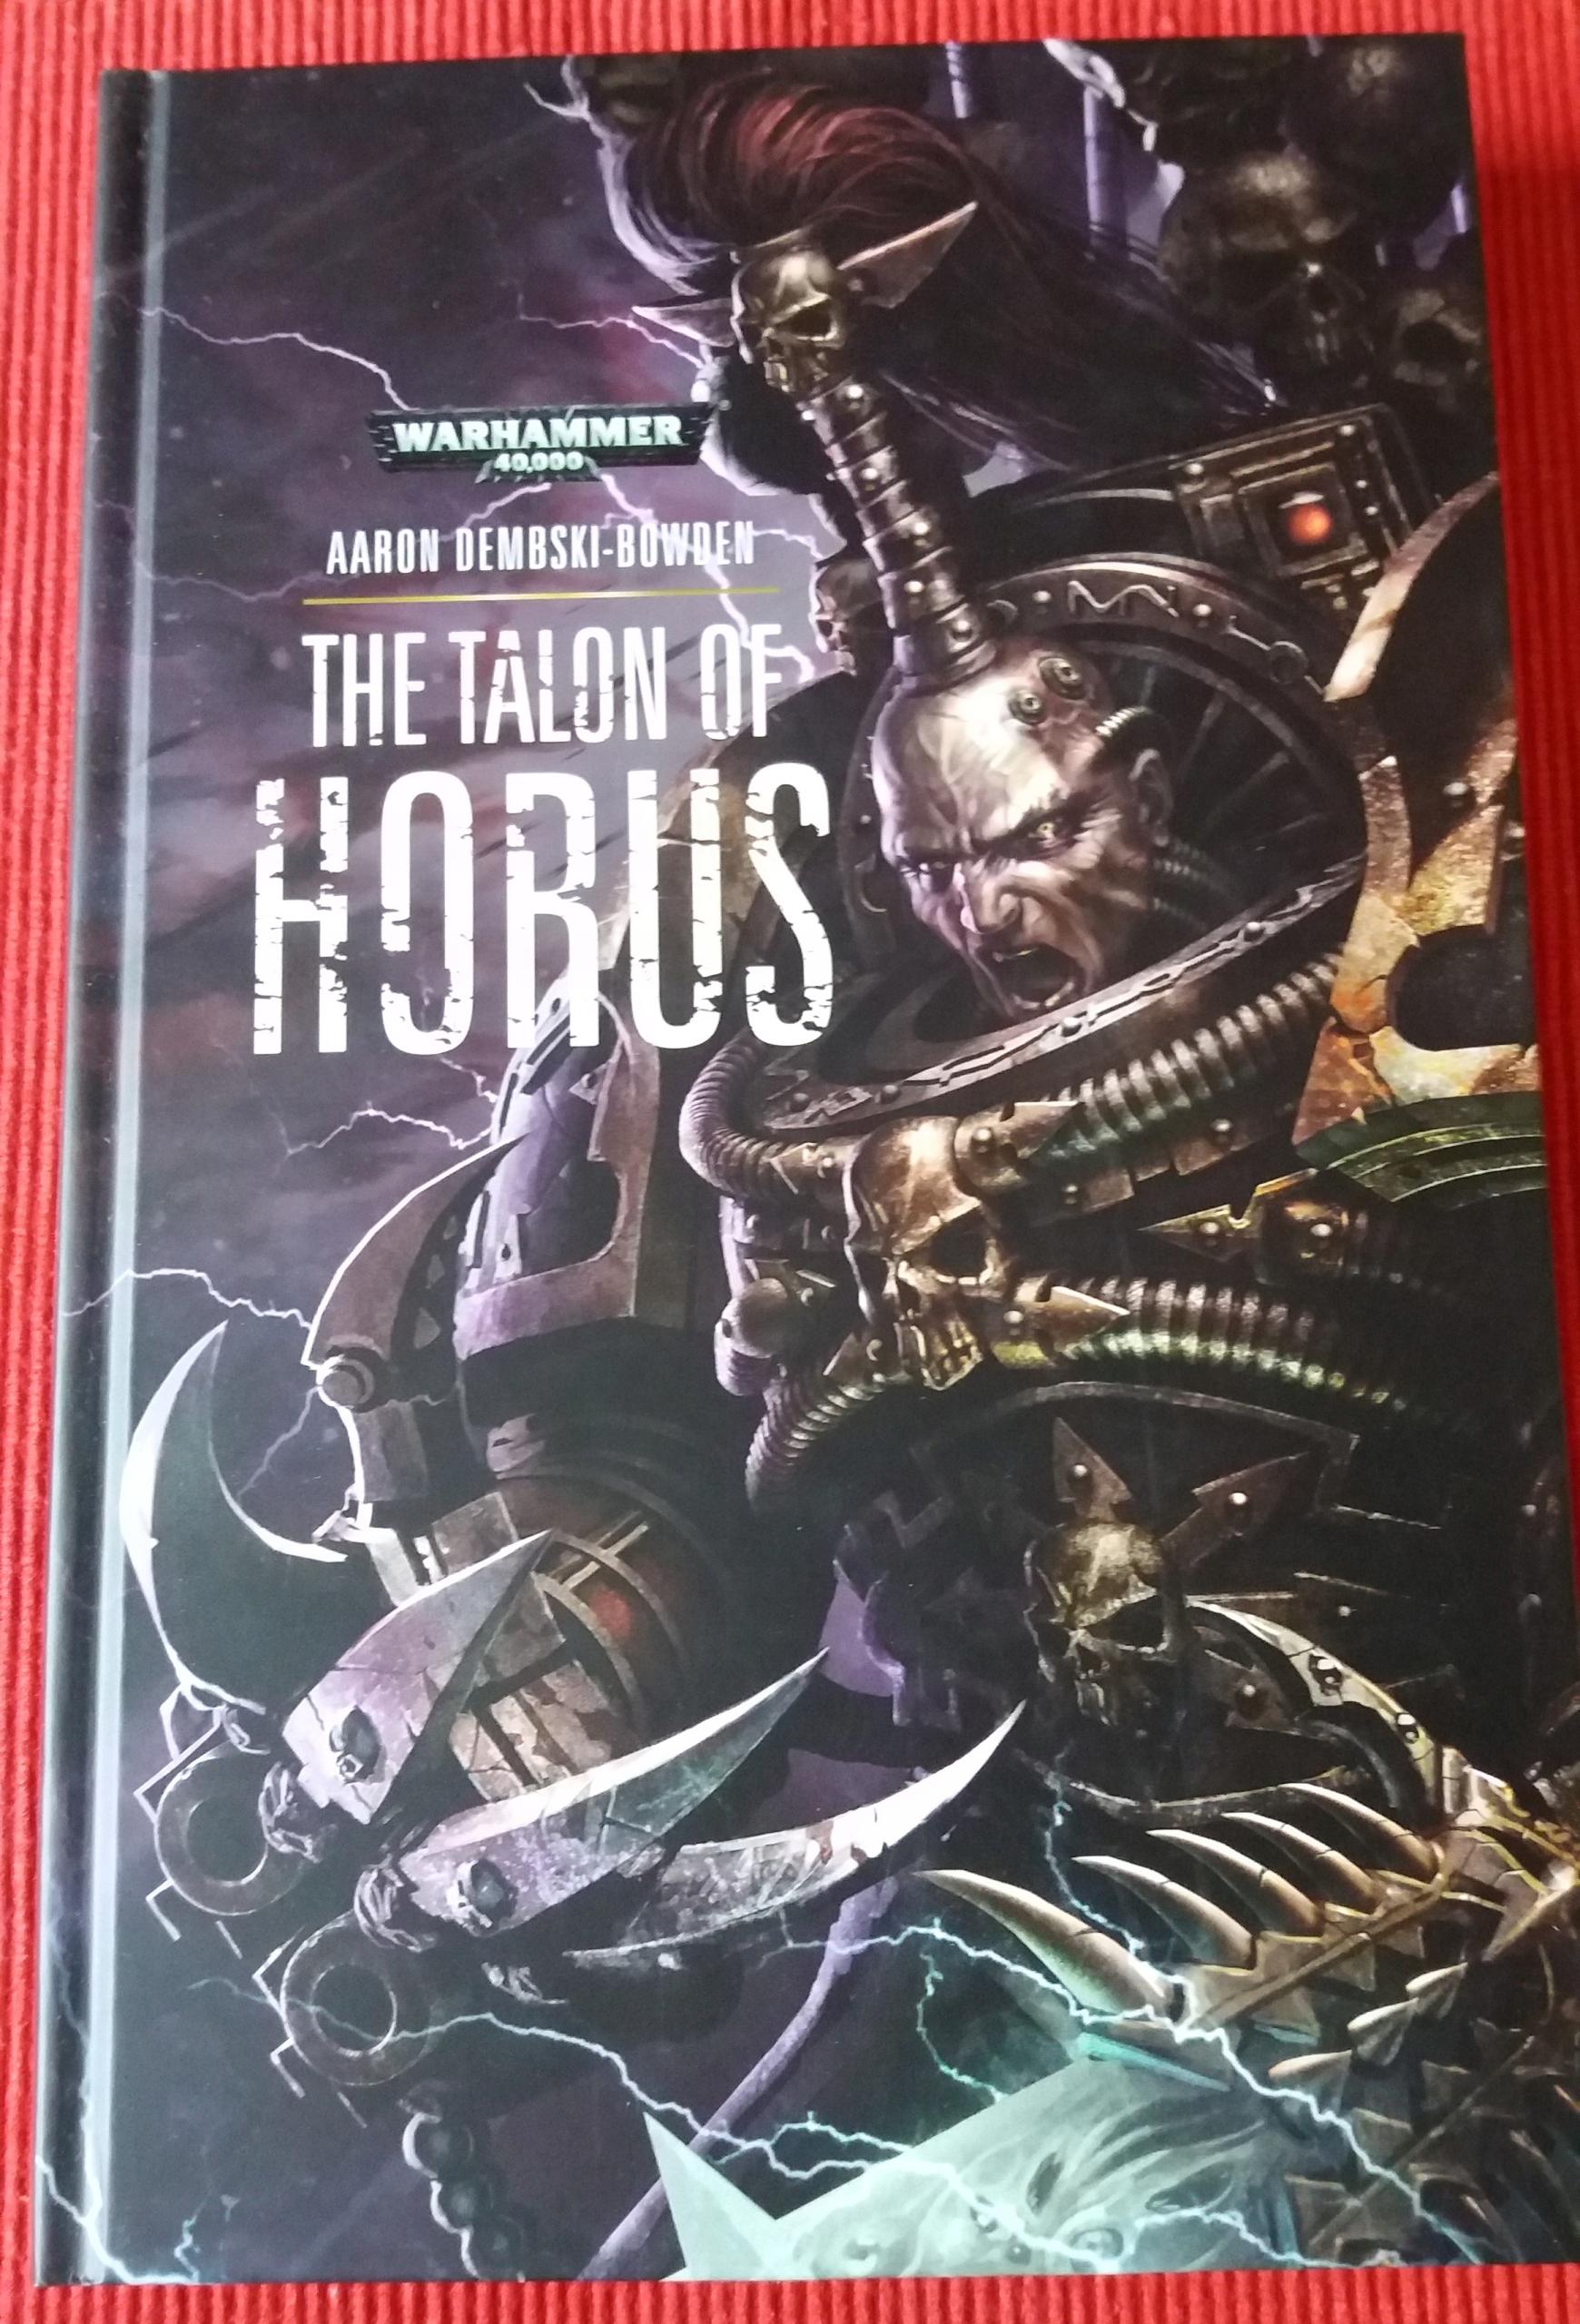 Aaron Dembski-Bowden - The Talon of Horus - W40k